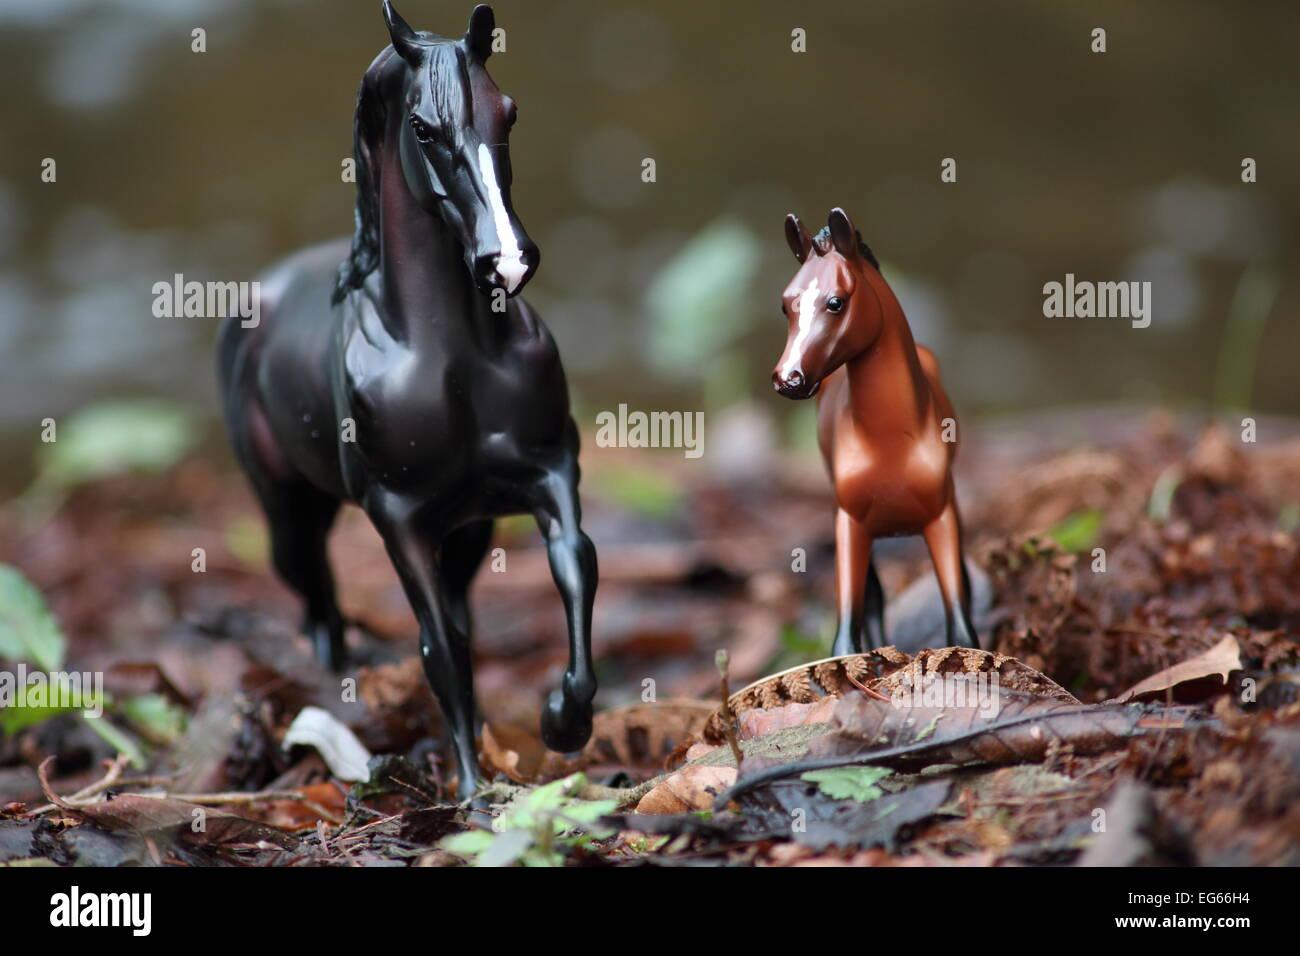 Un enmarcado y compuesto de tiro de dos caballos todavía la vida ...